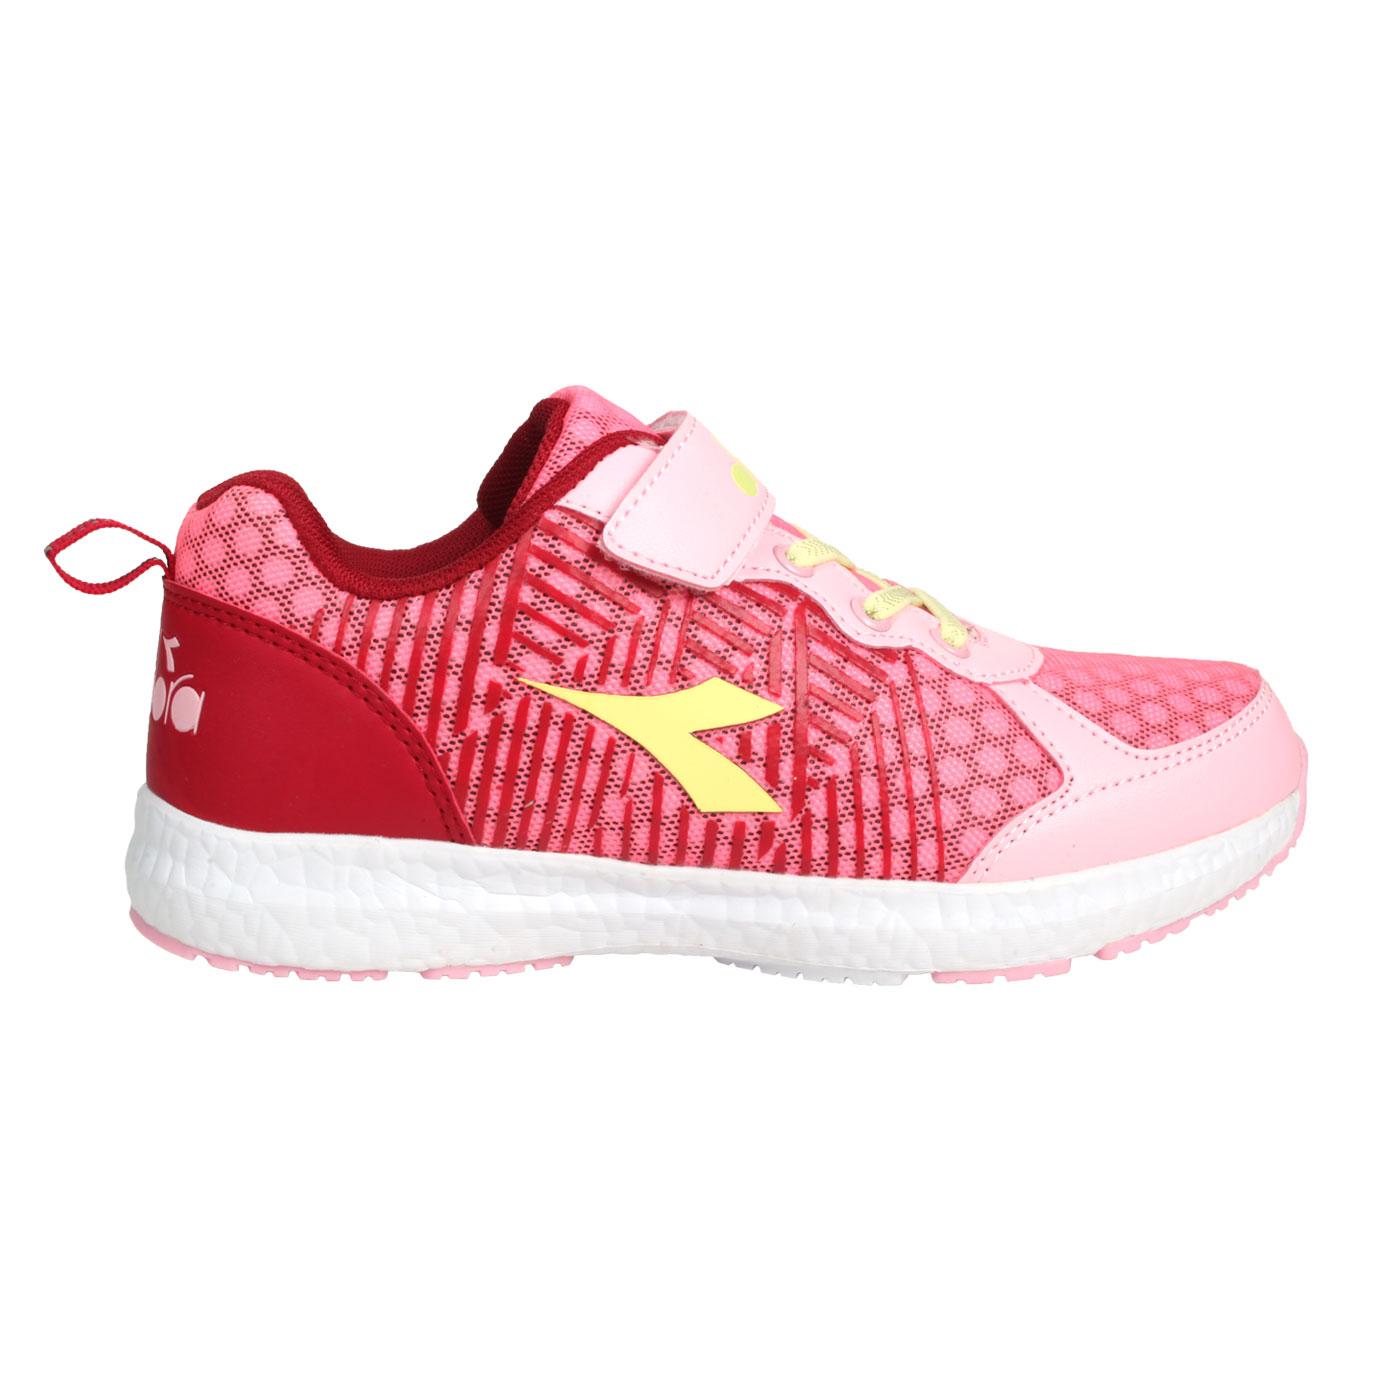 DIADORA 大童競速慢跑鞋-加寬楦 DA9AKR7882 - 粉紅酒紅黃